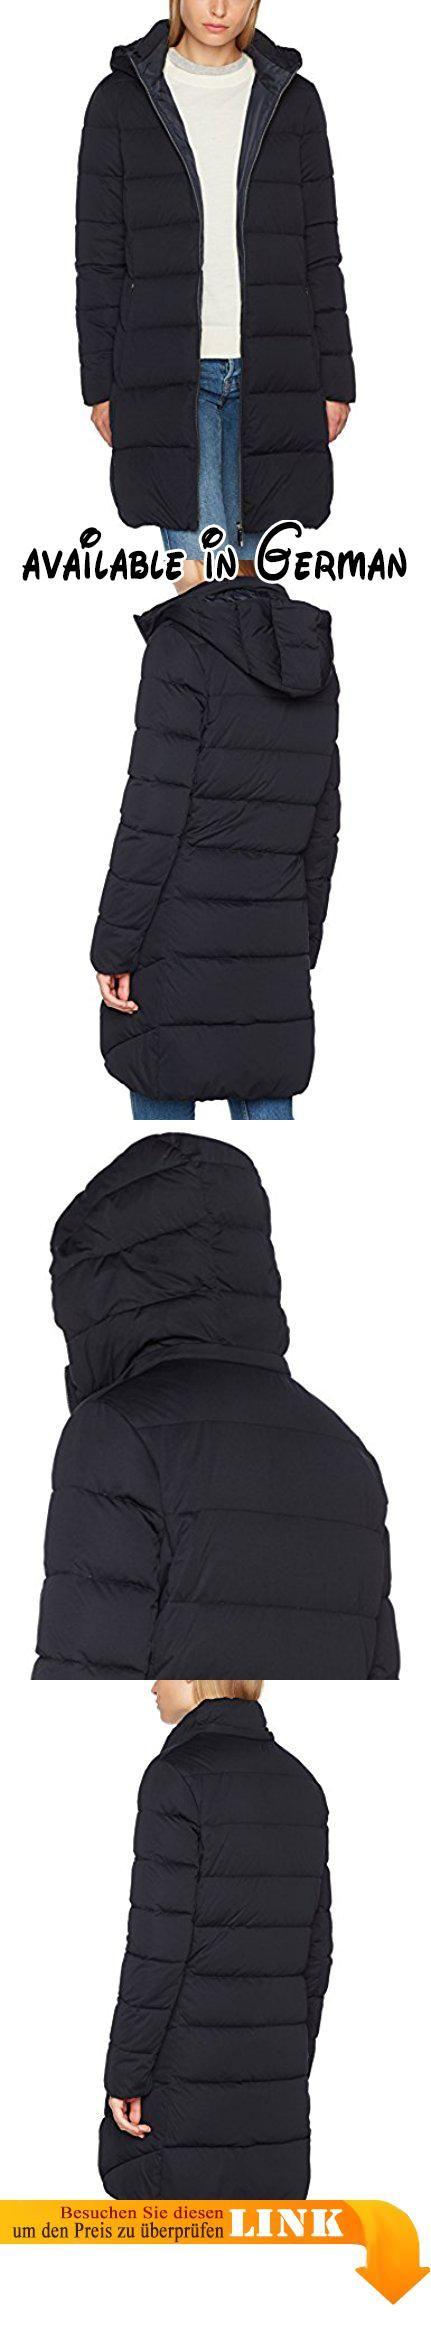 OPUS Damen Jacke Heleni, Blau (Deep Navy 6052), 38. Der lange Daunenmantel schützt optimal vor Kälte, ist wasserabweisend und auch atmungsaktiv. Die Kapuze ist über einen Reißverschluss abtrennbar #Apparel #OUTERWEAR